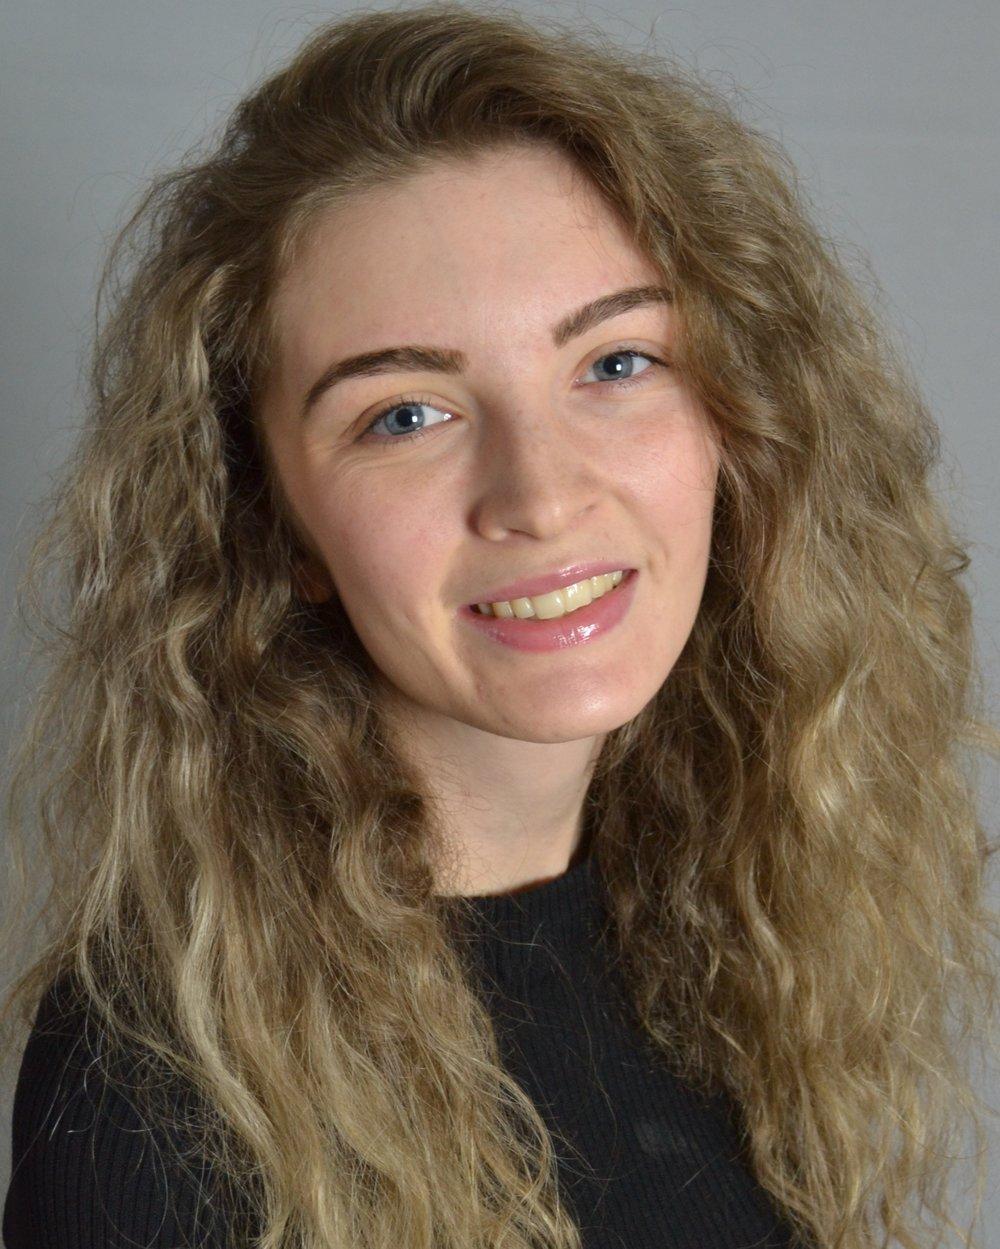 Emma Haimes